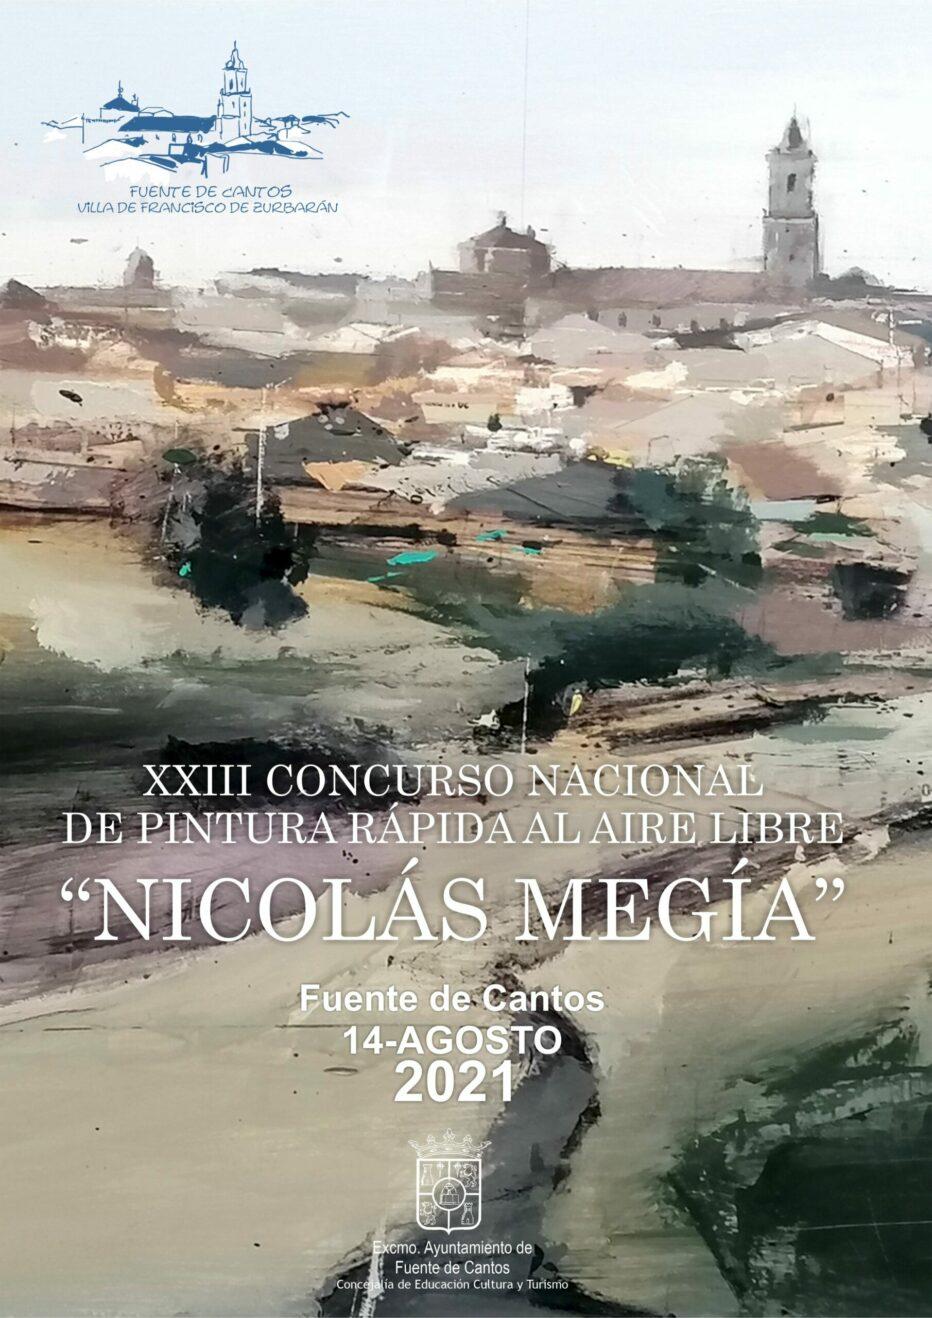 PREMIO DE PINTURA RÁPIDA AL AIRE LIBRE NICOLÁS MEGÍA 2021